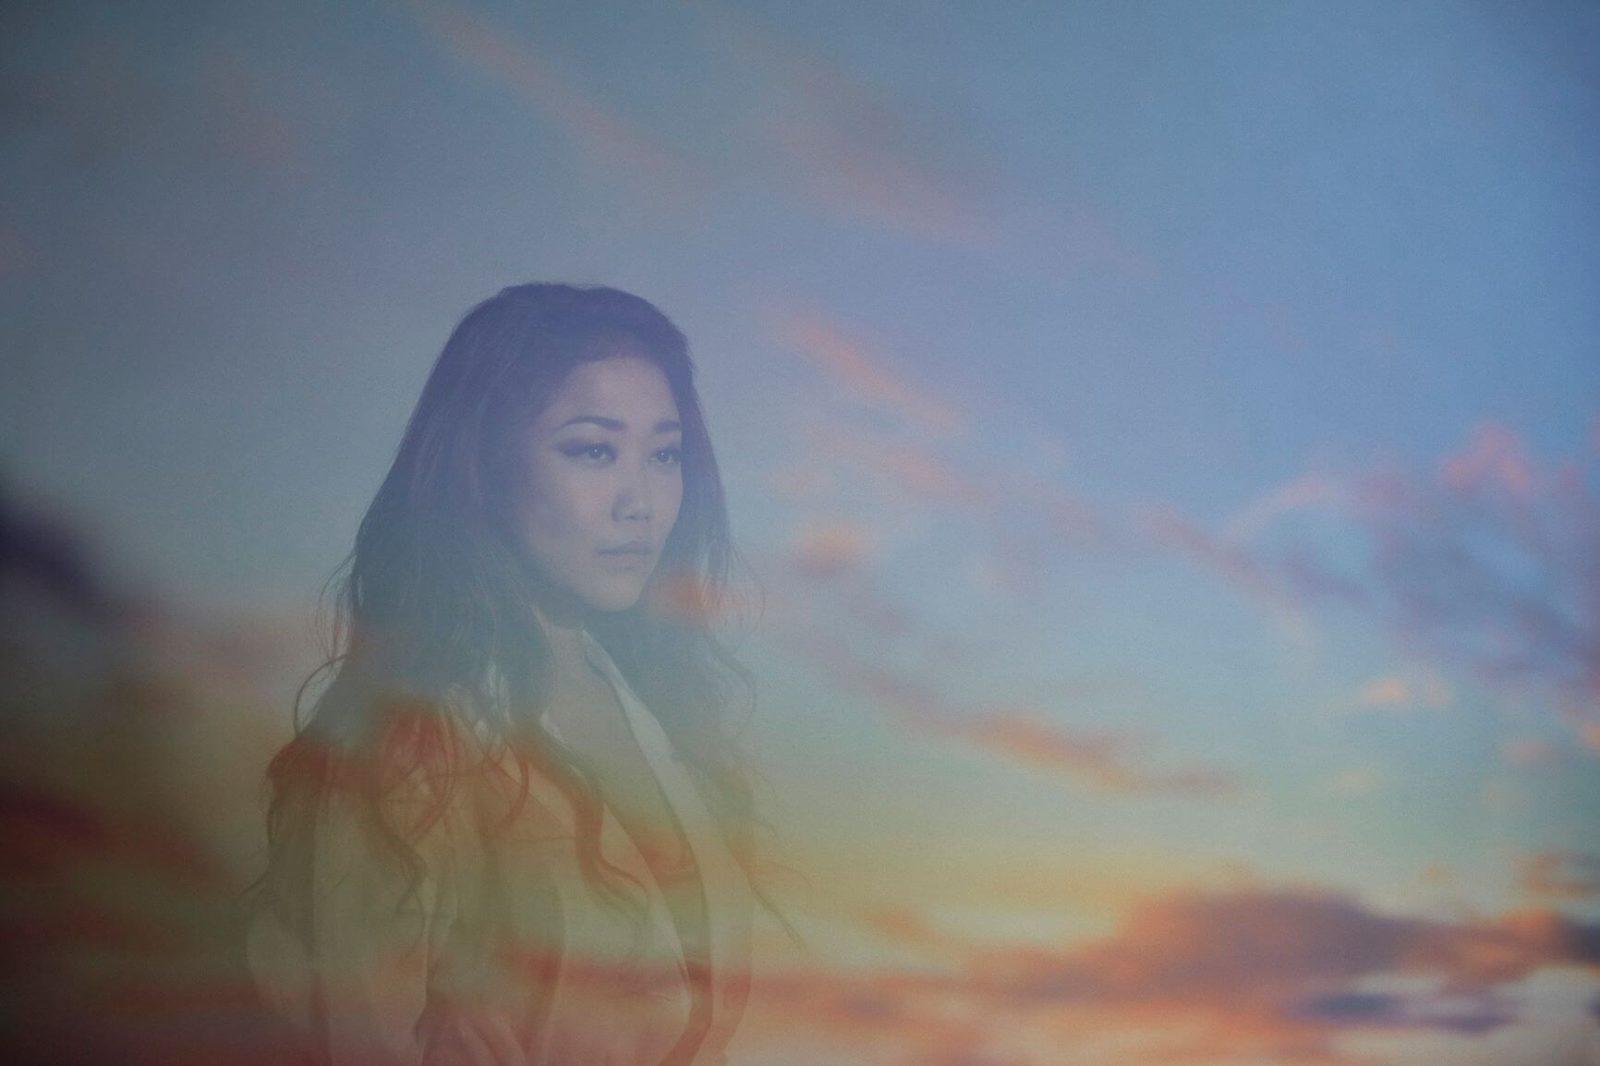 JUJU 2019年最初のシングル「ミライ」が杉咲花主演ドラマ『ハケン占い師アタル』主題歌にサムネイル画像